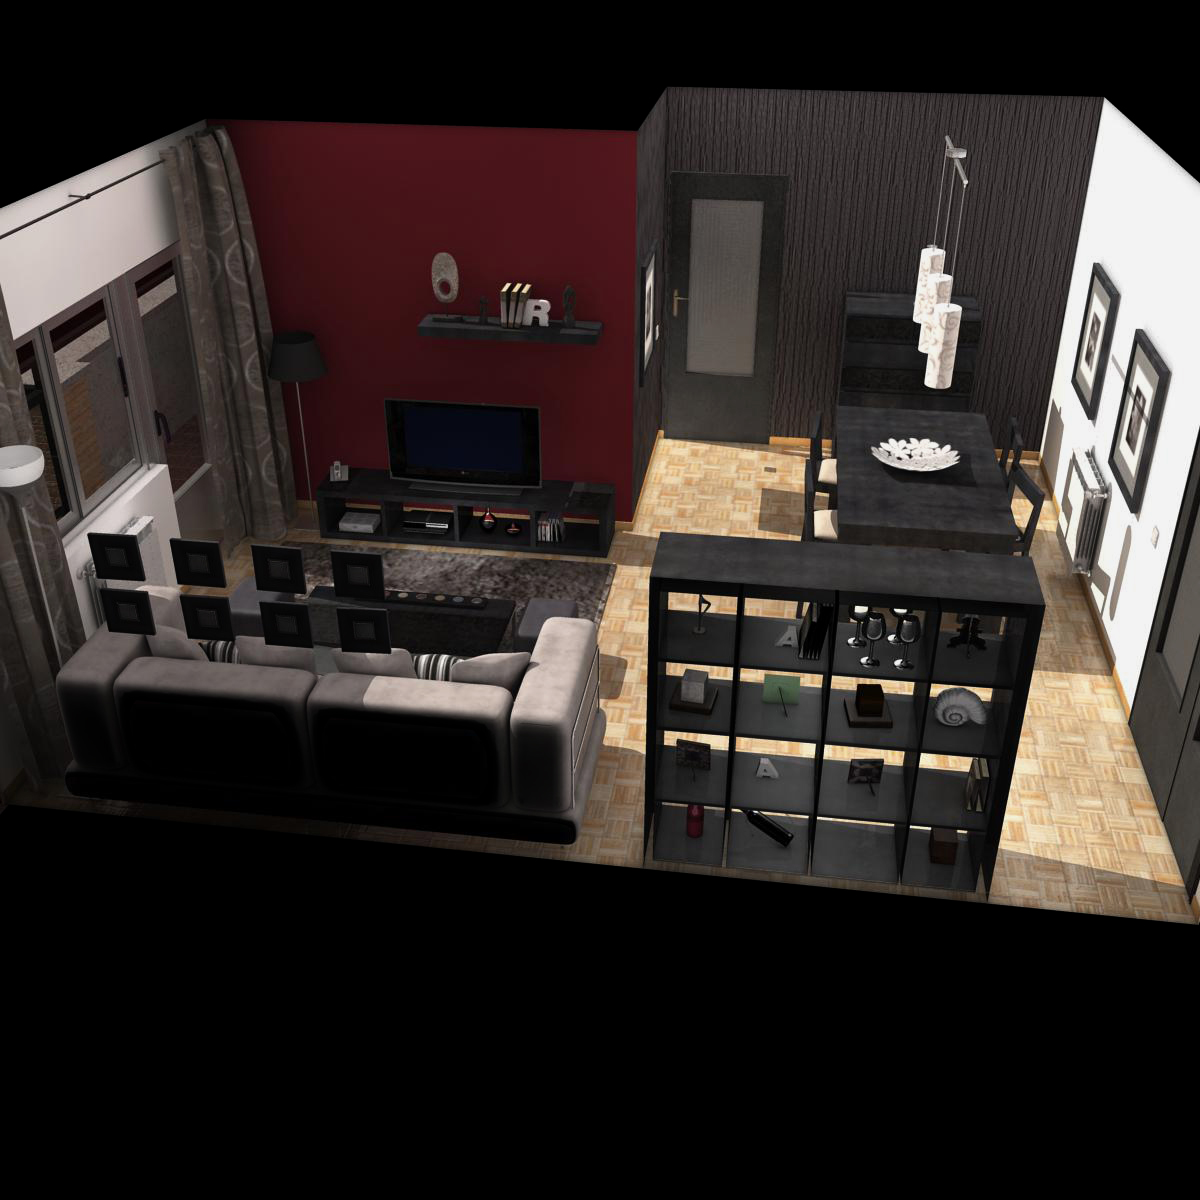 dzīvojamā istaba 3d modelis 3ds max fbx c4d ma mb obj 159612